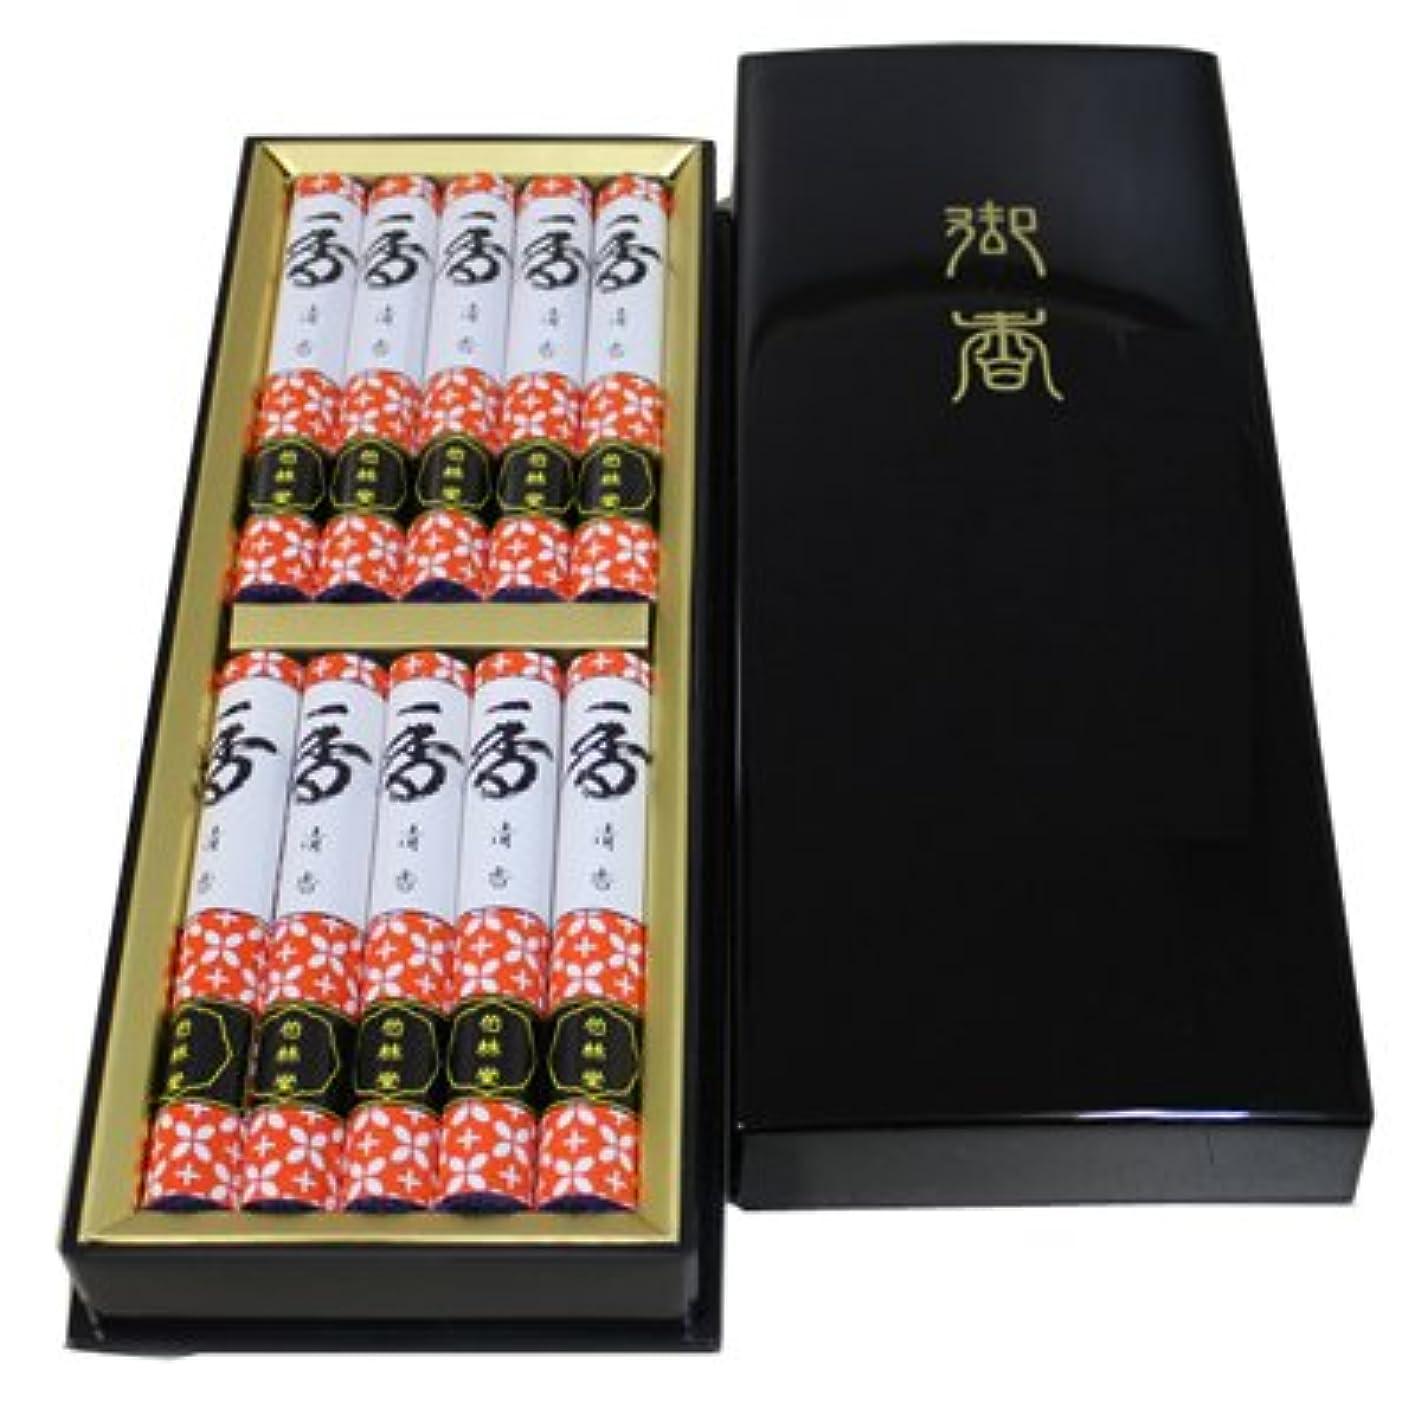 配送アリーナ郵便局塗箱詰合せ(清香10把) 贈り物用 贈答用 ギフト用 お線香